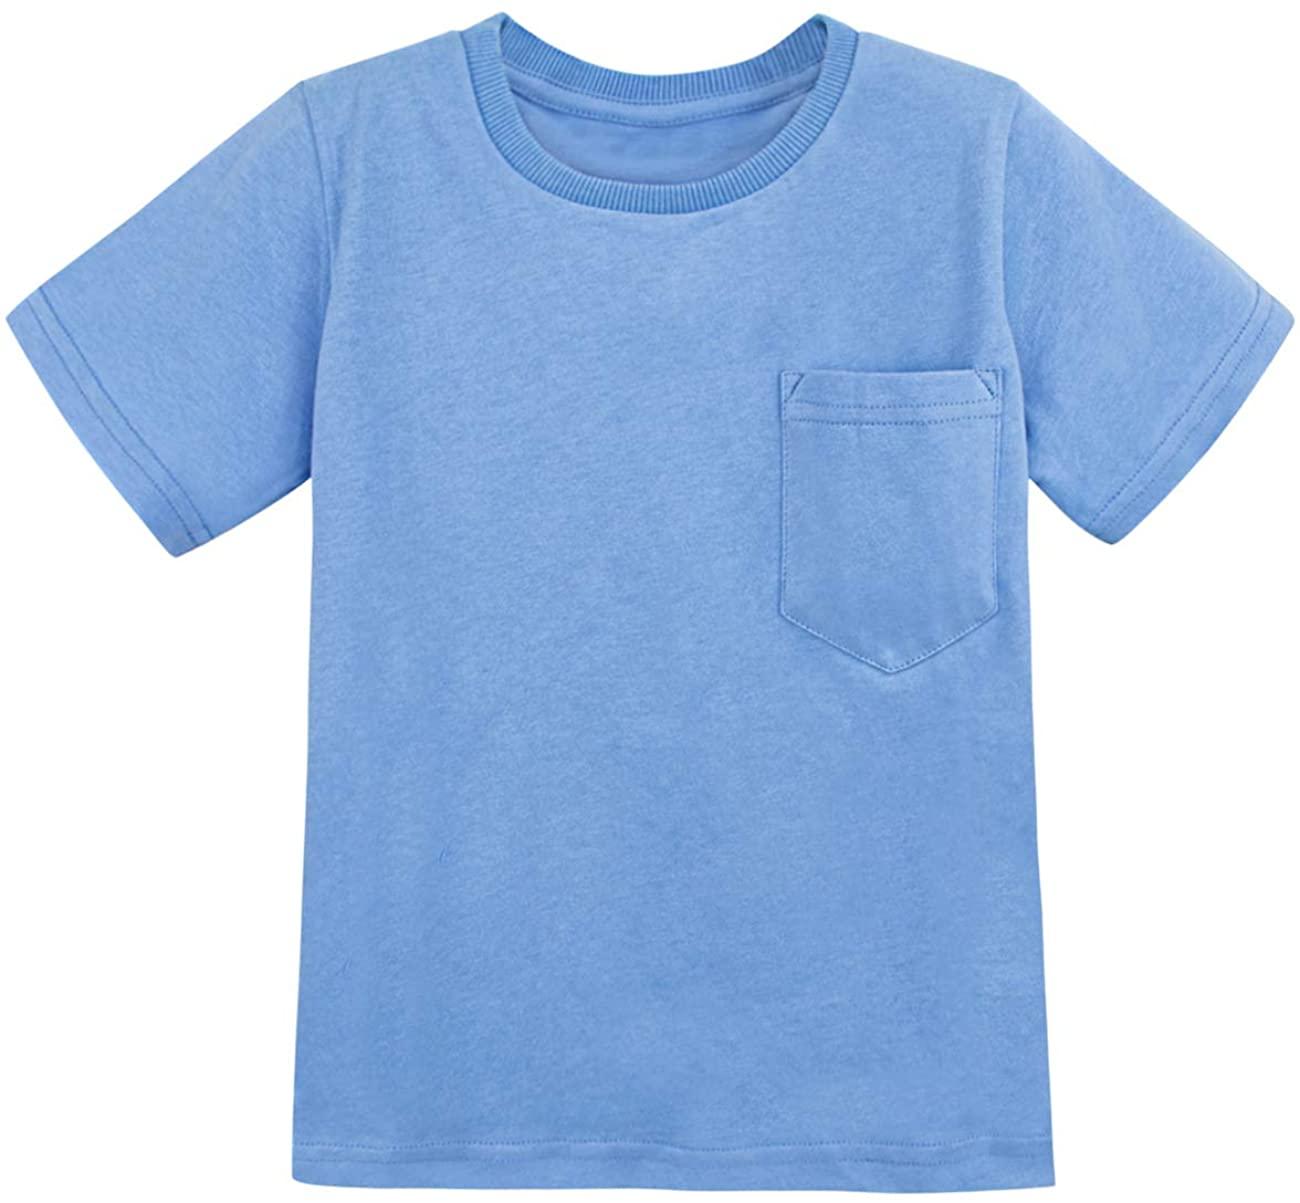 COSLAND Toddler & Kids Boys' Heavyweight Pocket T-Shirt